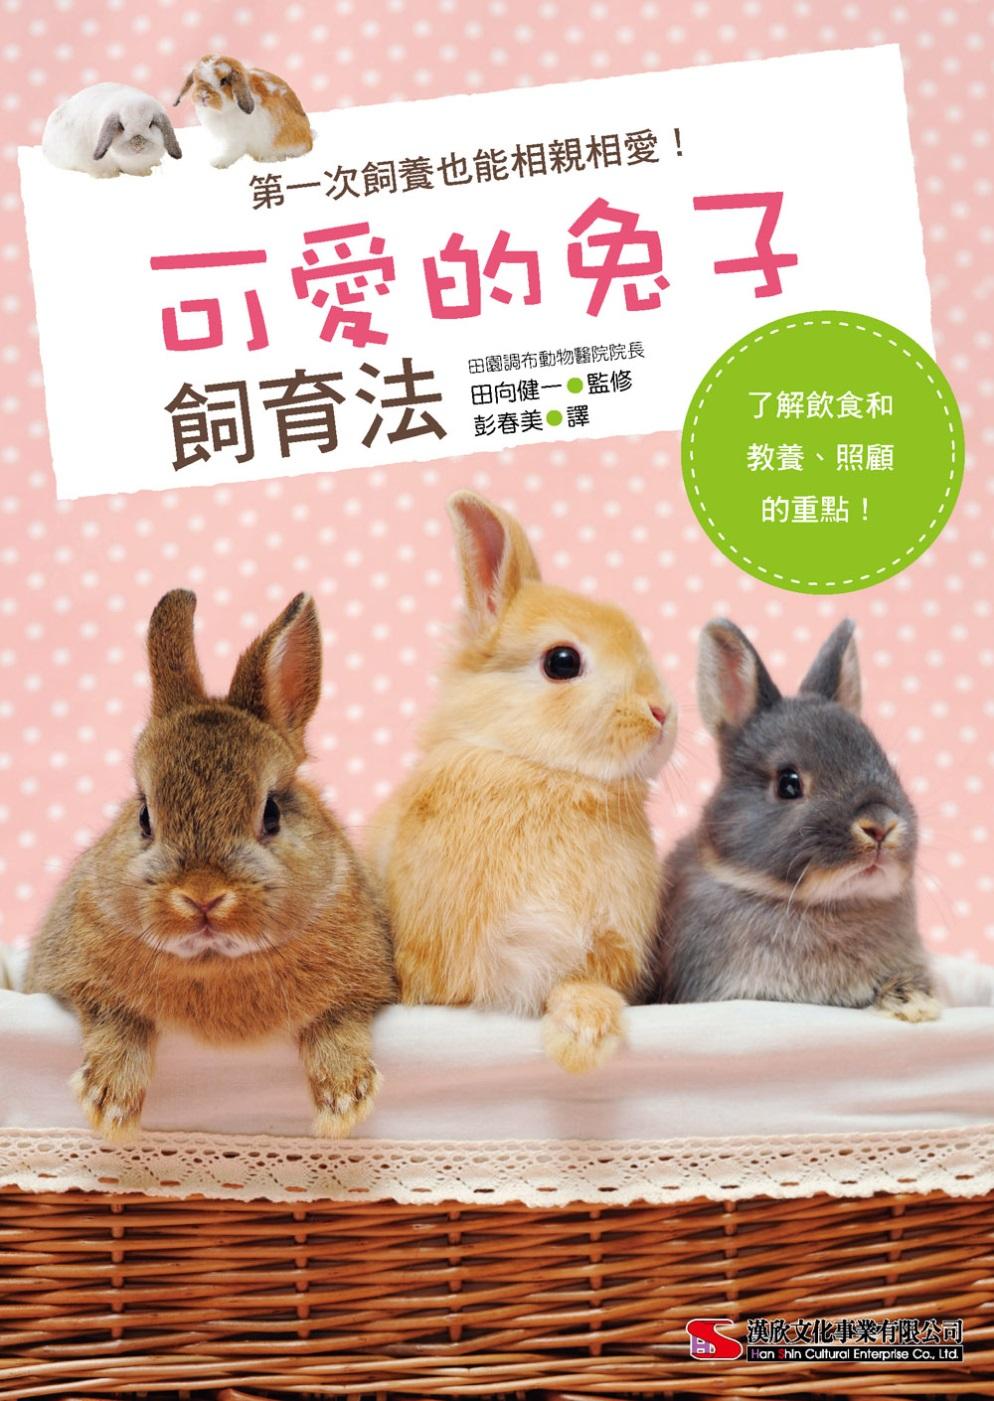 可愛的兔子飼育法